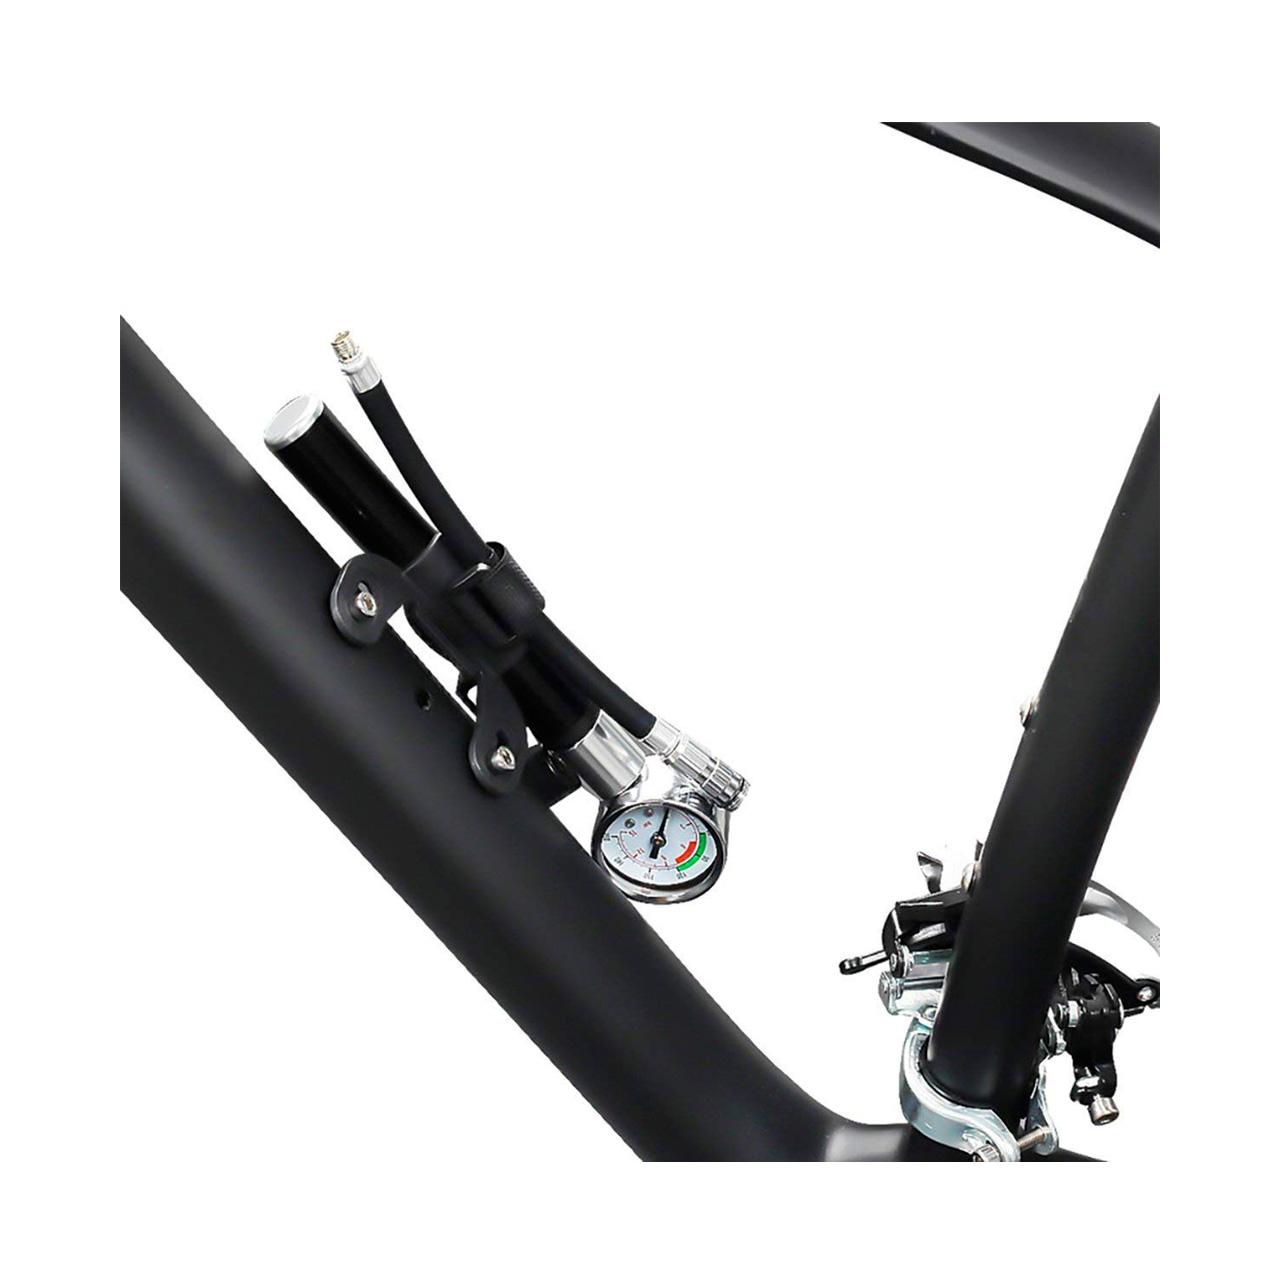 Swiss+Go Accesorio Movilidad Eléctrica ZM032 Bomba de aire para hinchar ruedas